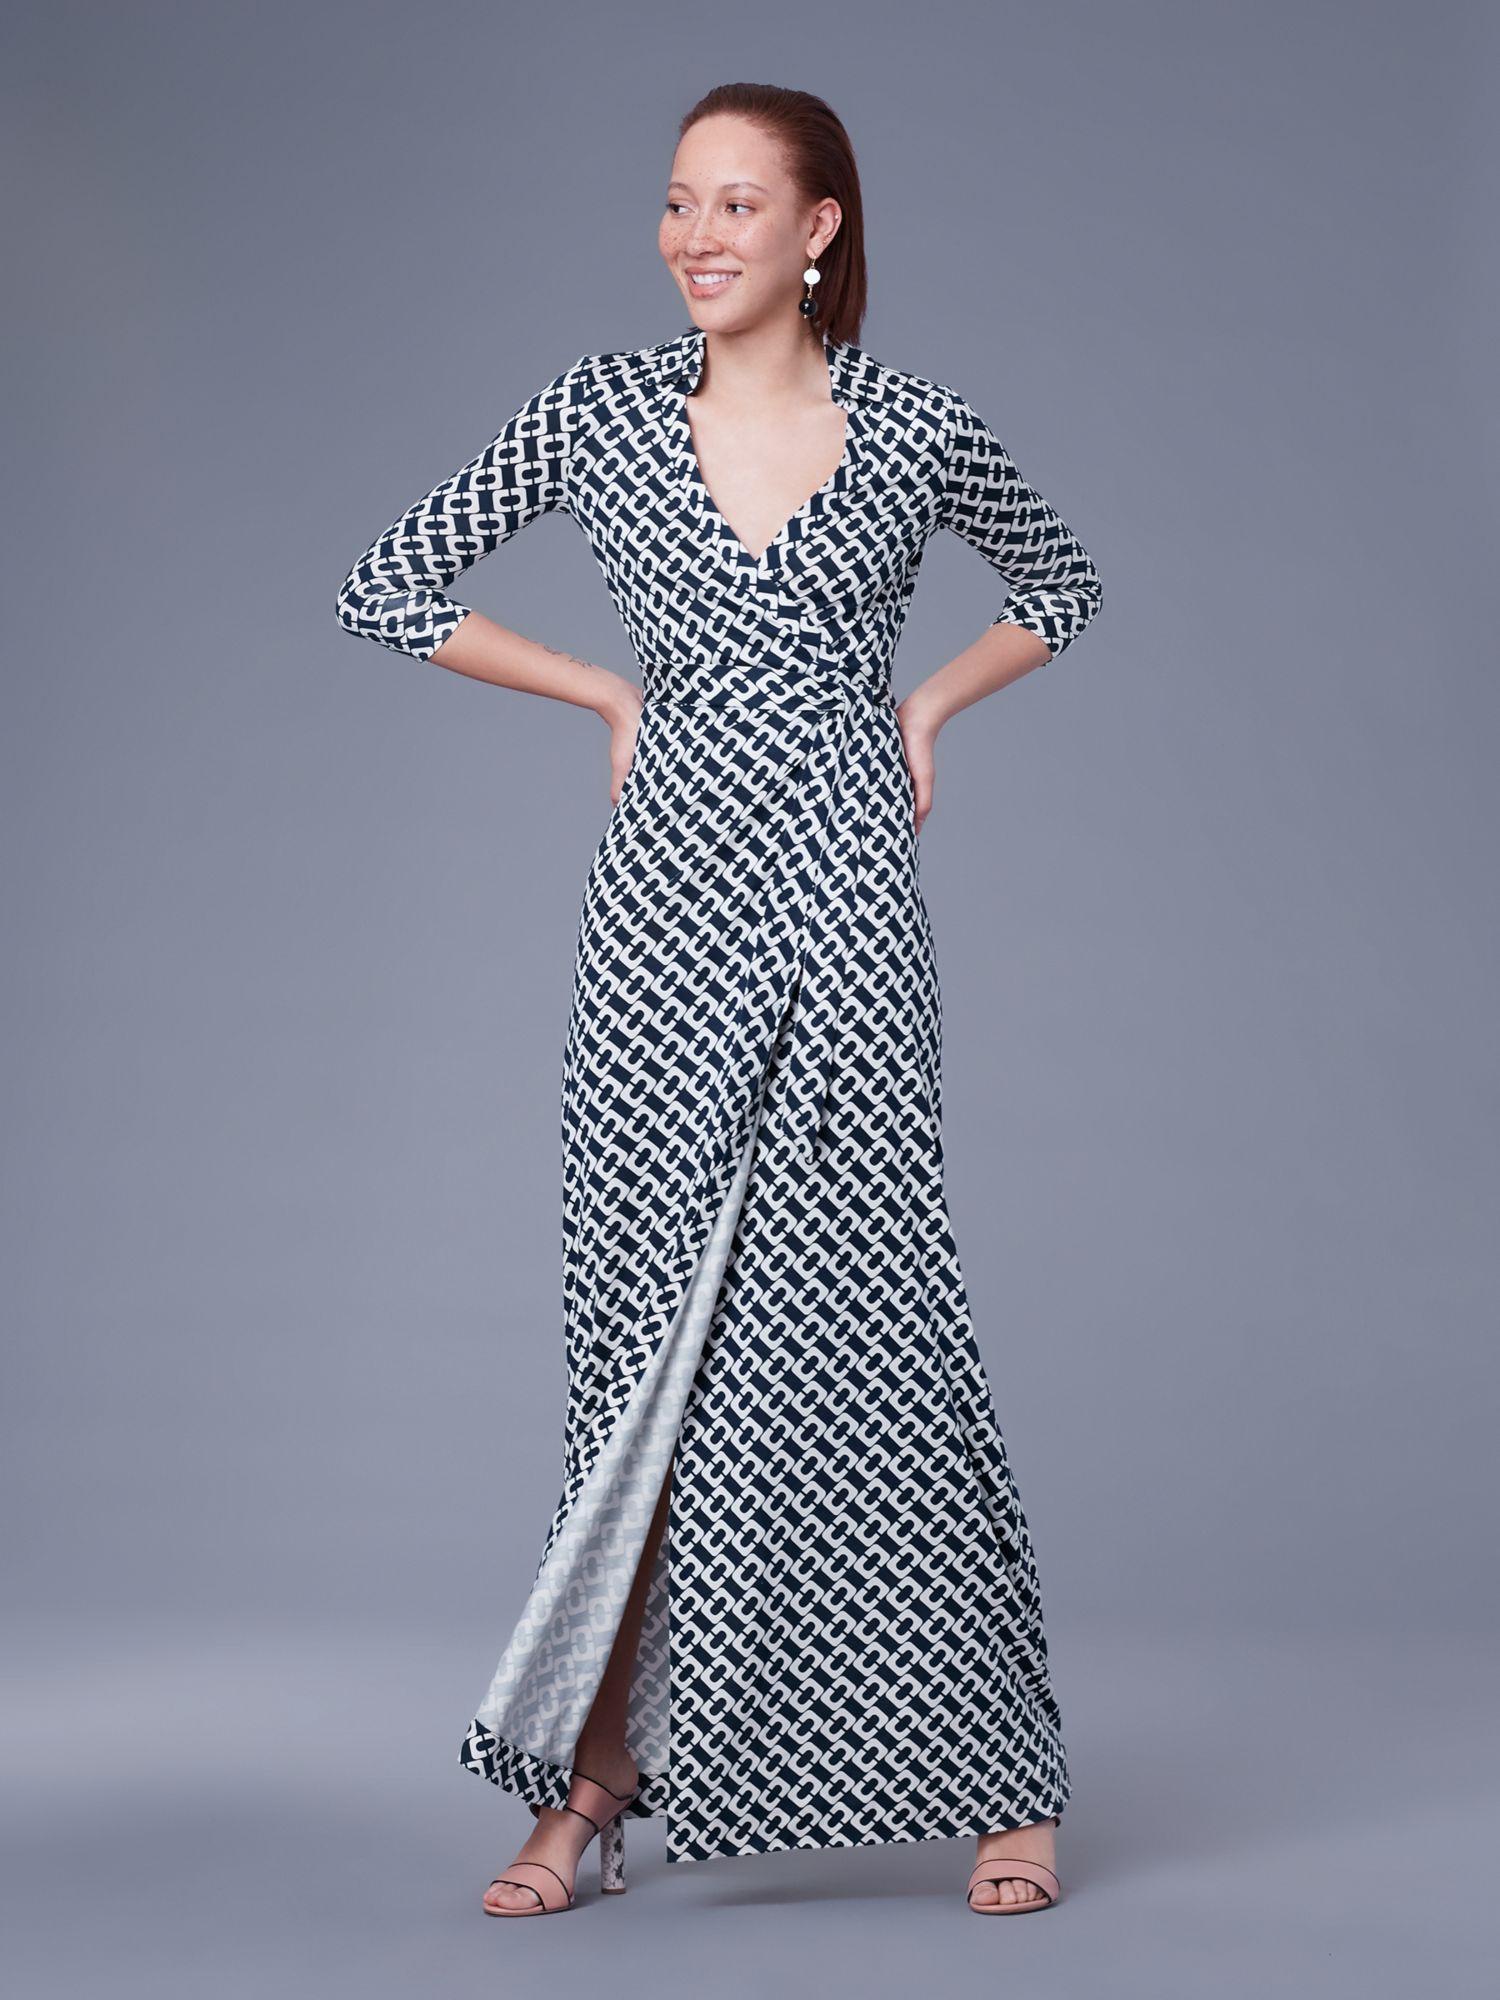 104c1f09ee Diane Von Furstenberg Dvf Abigail Silk Jersey Wrap Dress - Chainlink Medium  New Navy 14